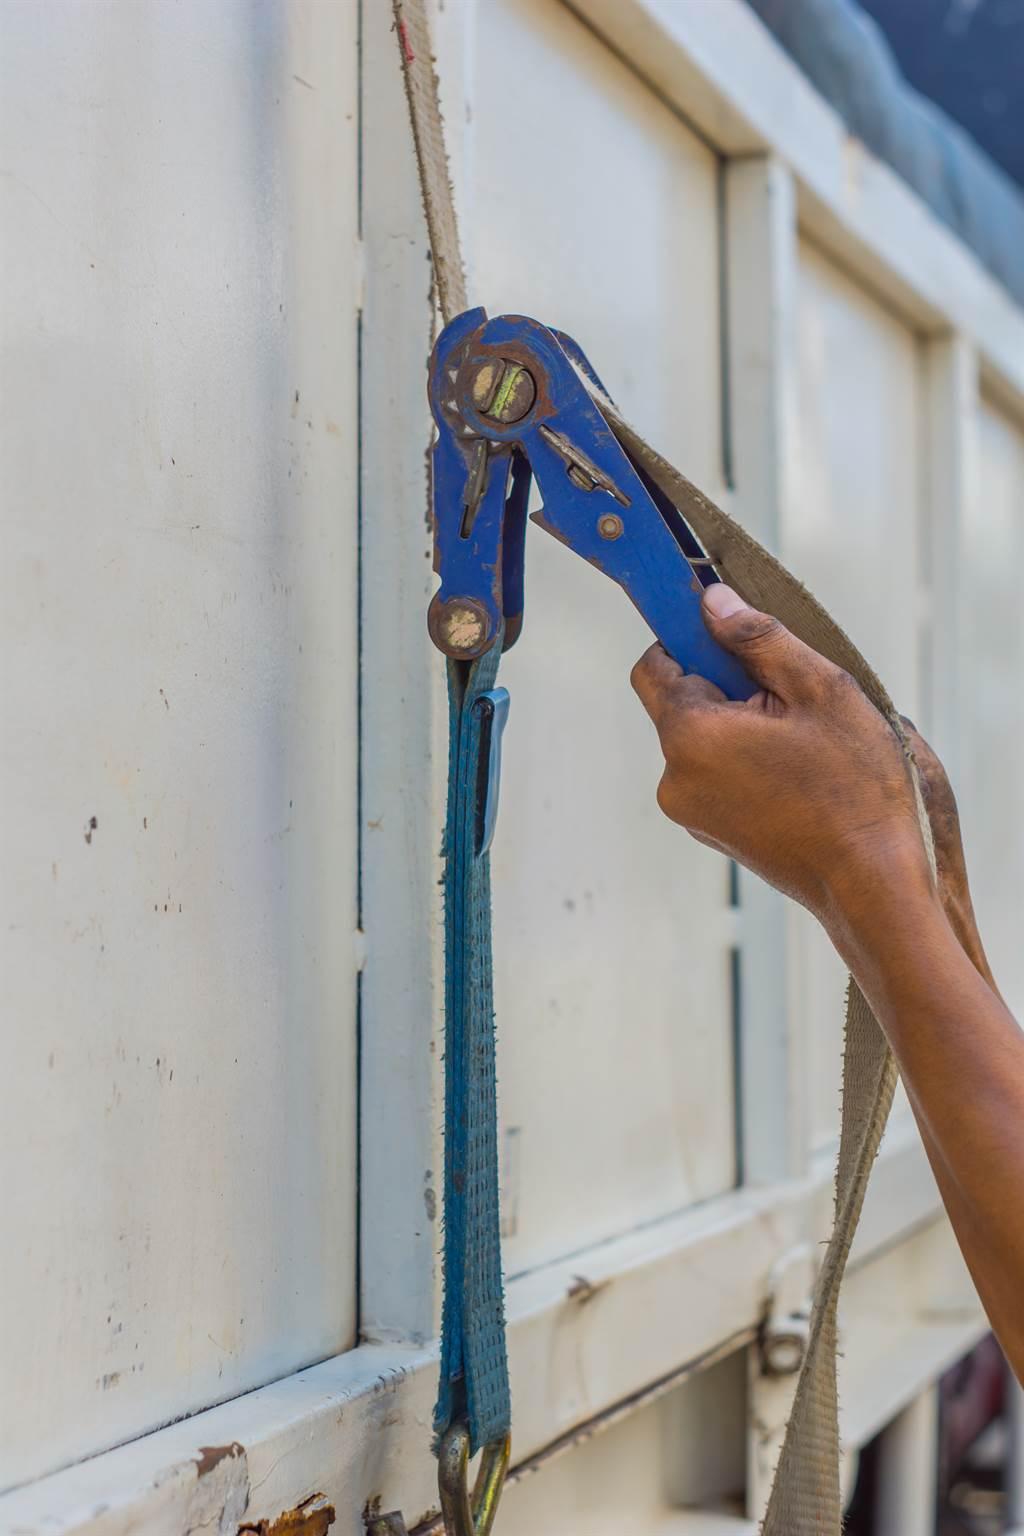 捆貨物用的固定繩因為拉緊的時候會有卡哩卡哩的聲音,讓業內人士習慣直接叫「卡哩卡哩」。(示意圖/達志影像)